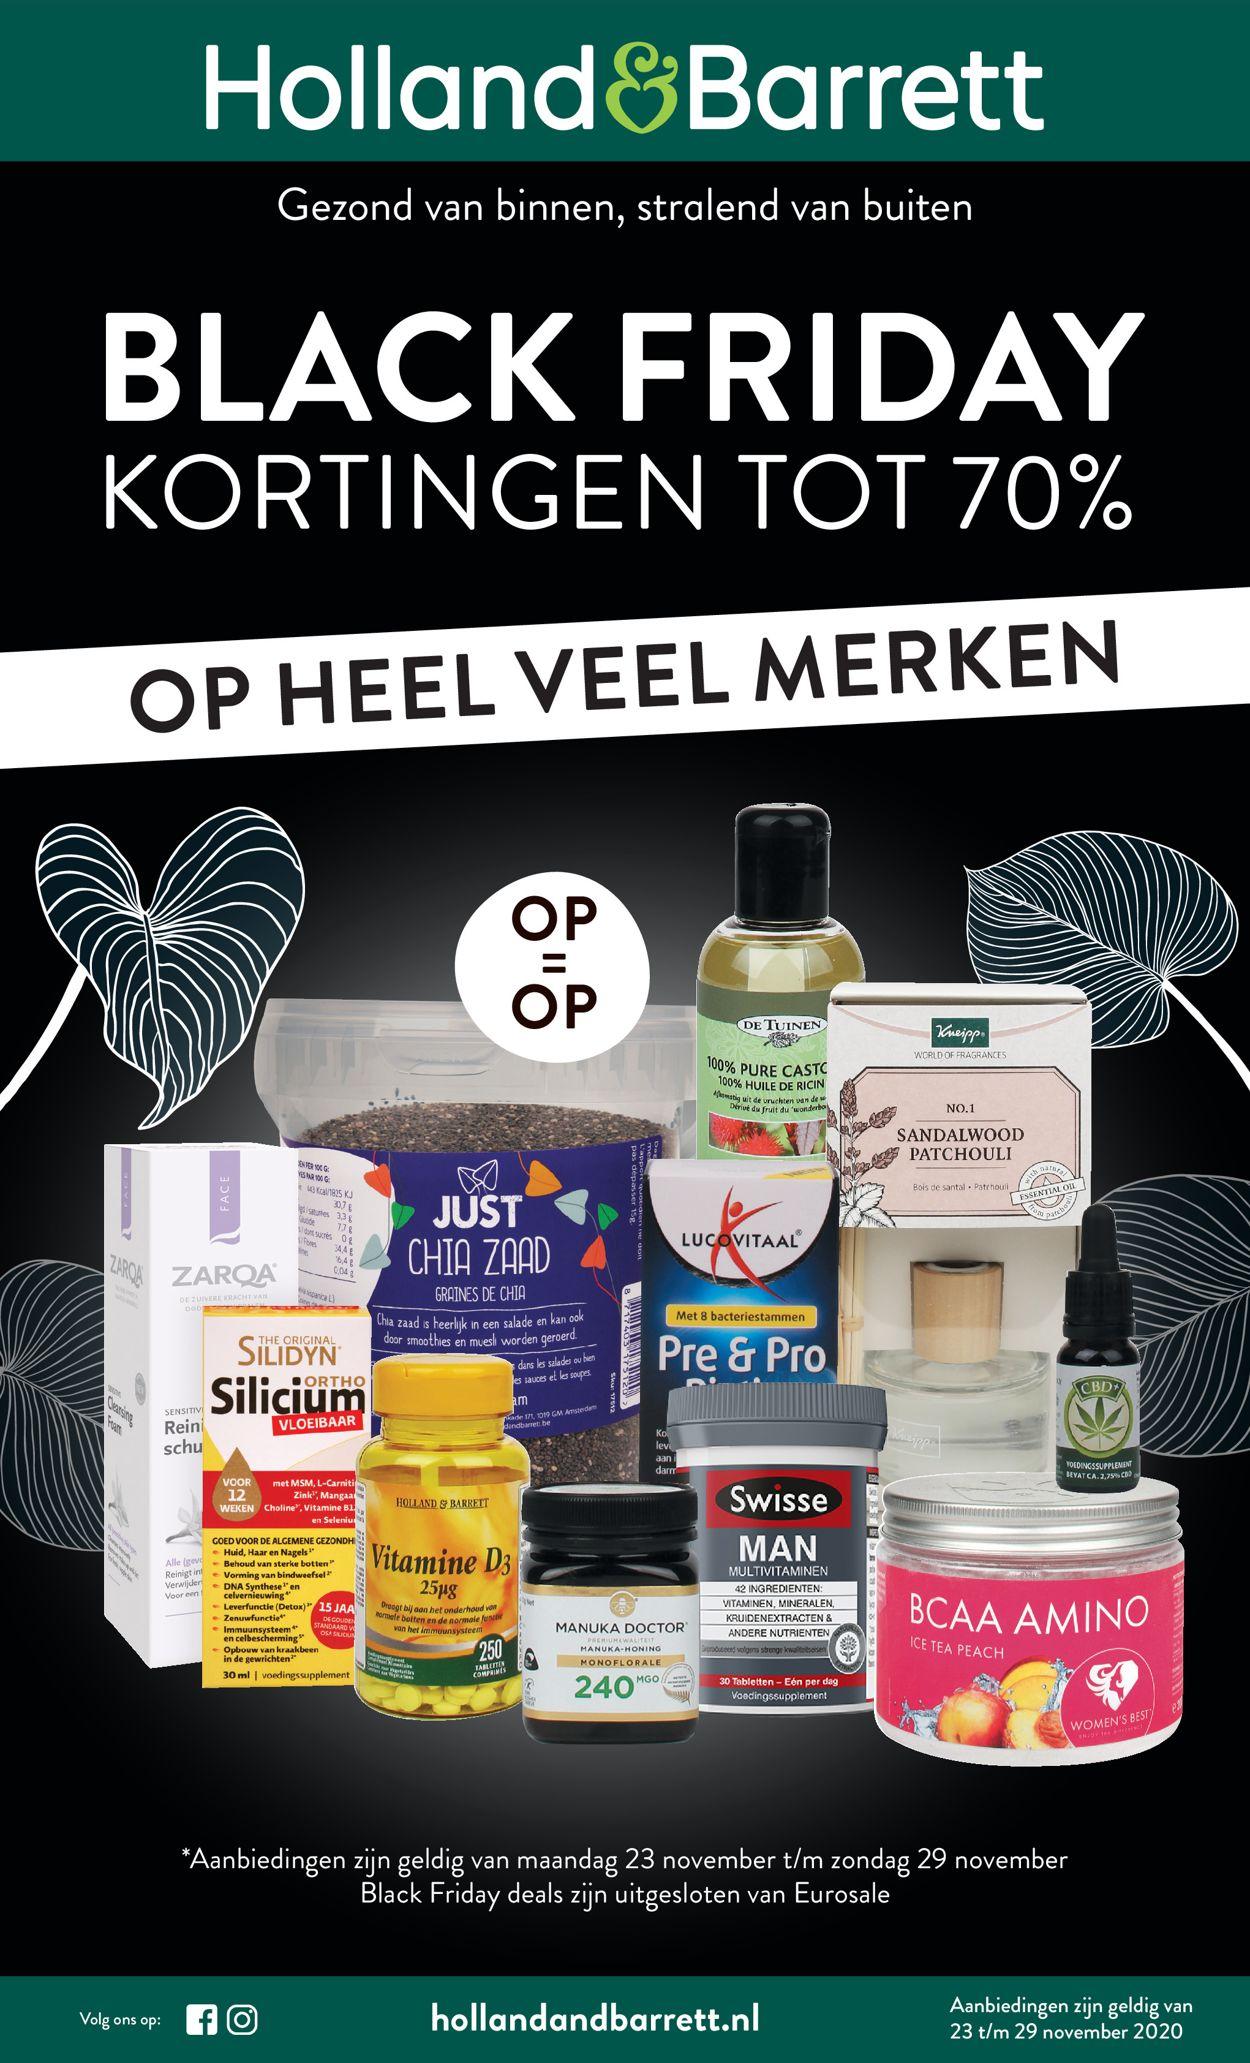 Catalogus van Holland & Barrett - Black Friday 2020 van 23.11.2020